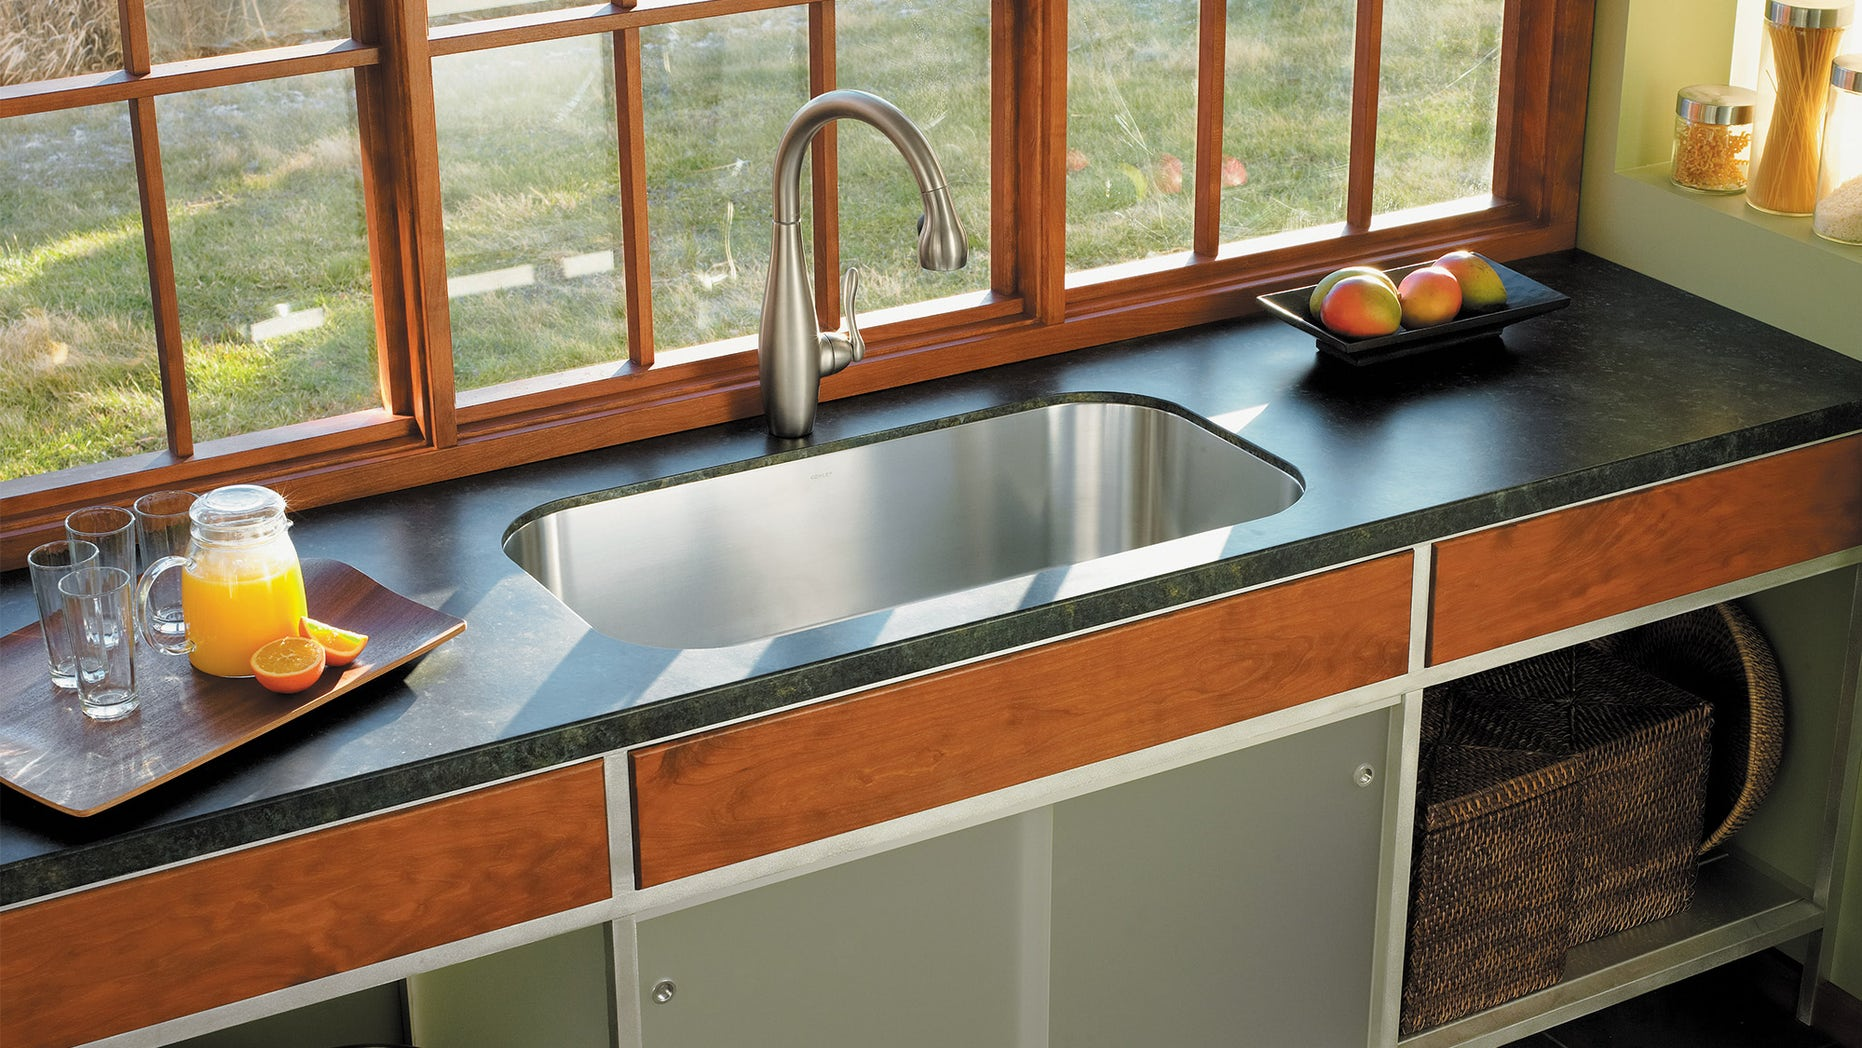 Kohler Undertone extra-large, single-basin undercounter kitchen sink